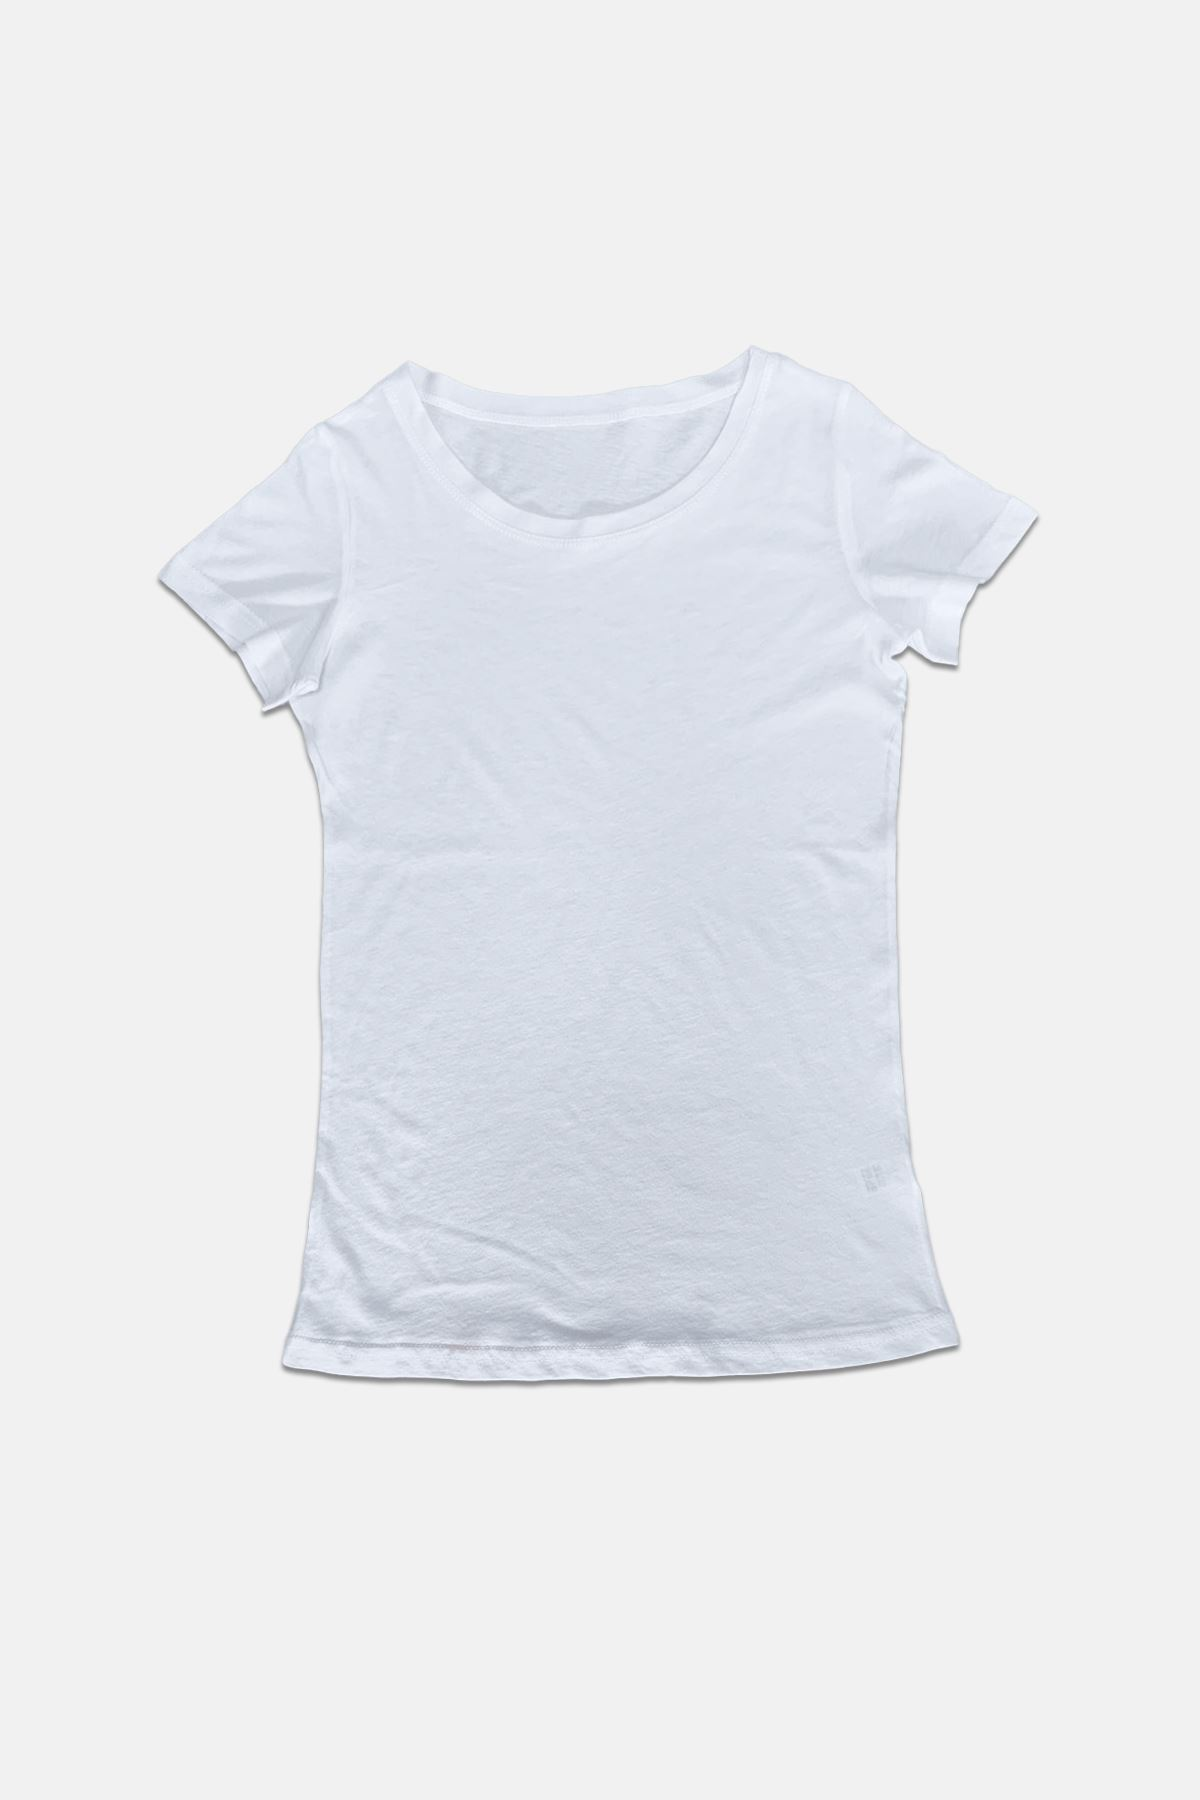 Malabadi Kadın Beyaz Açık Yaka Yaz Serinliği Tişört 172